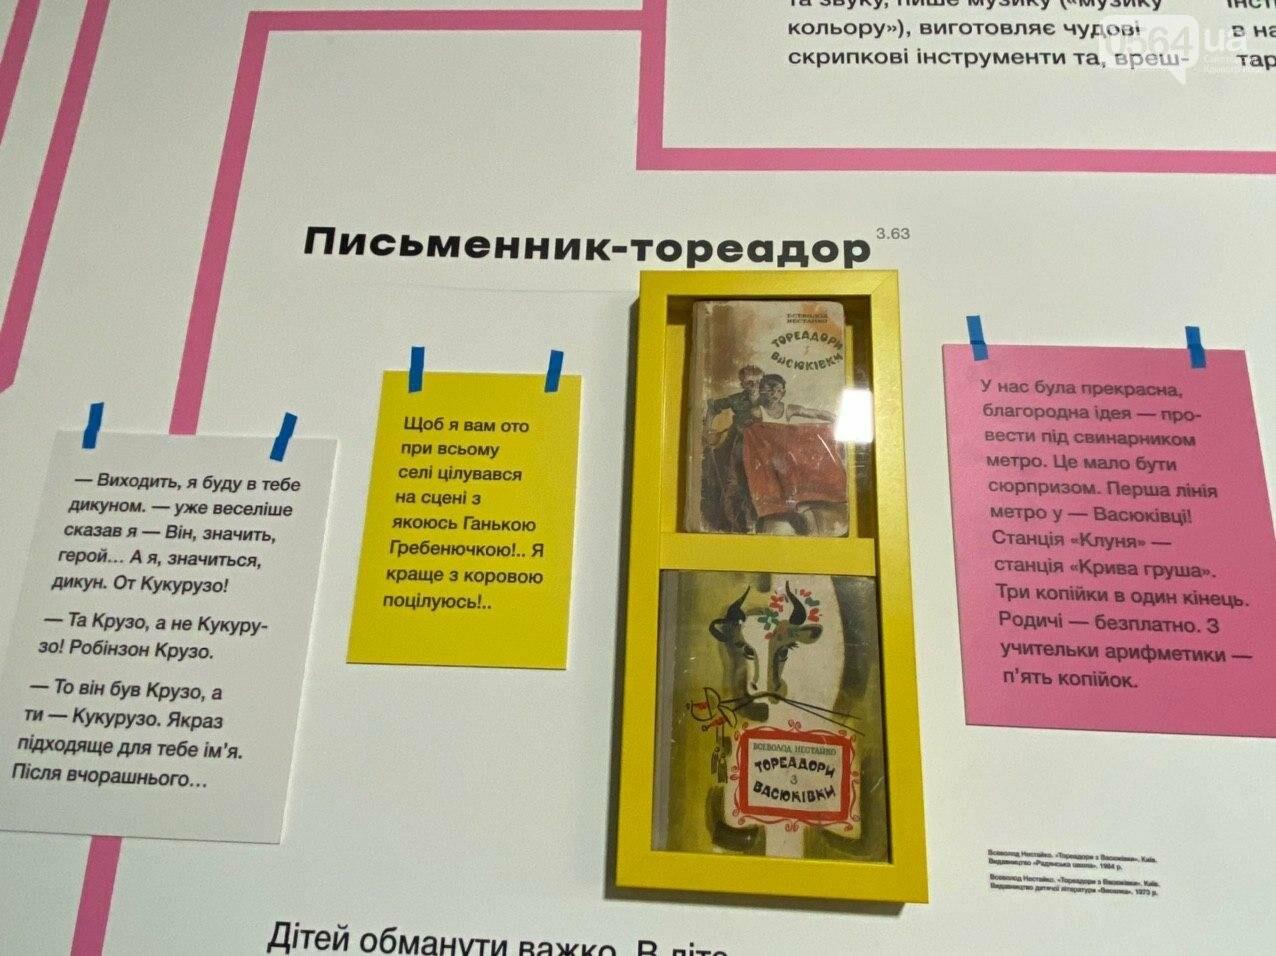 Ukraine WOW: что можно было узнать о Кривом Роге на интерактивной выставке, - ФОТО , фото-67